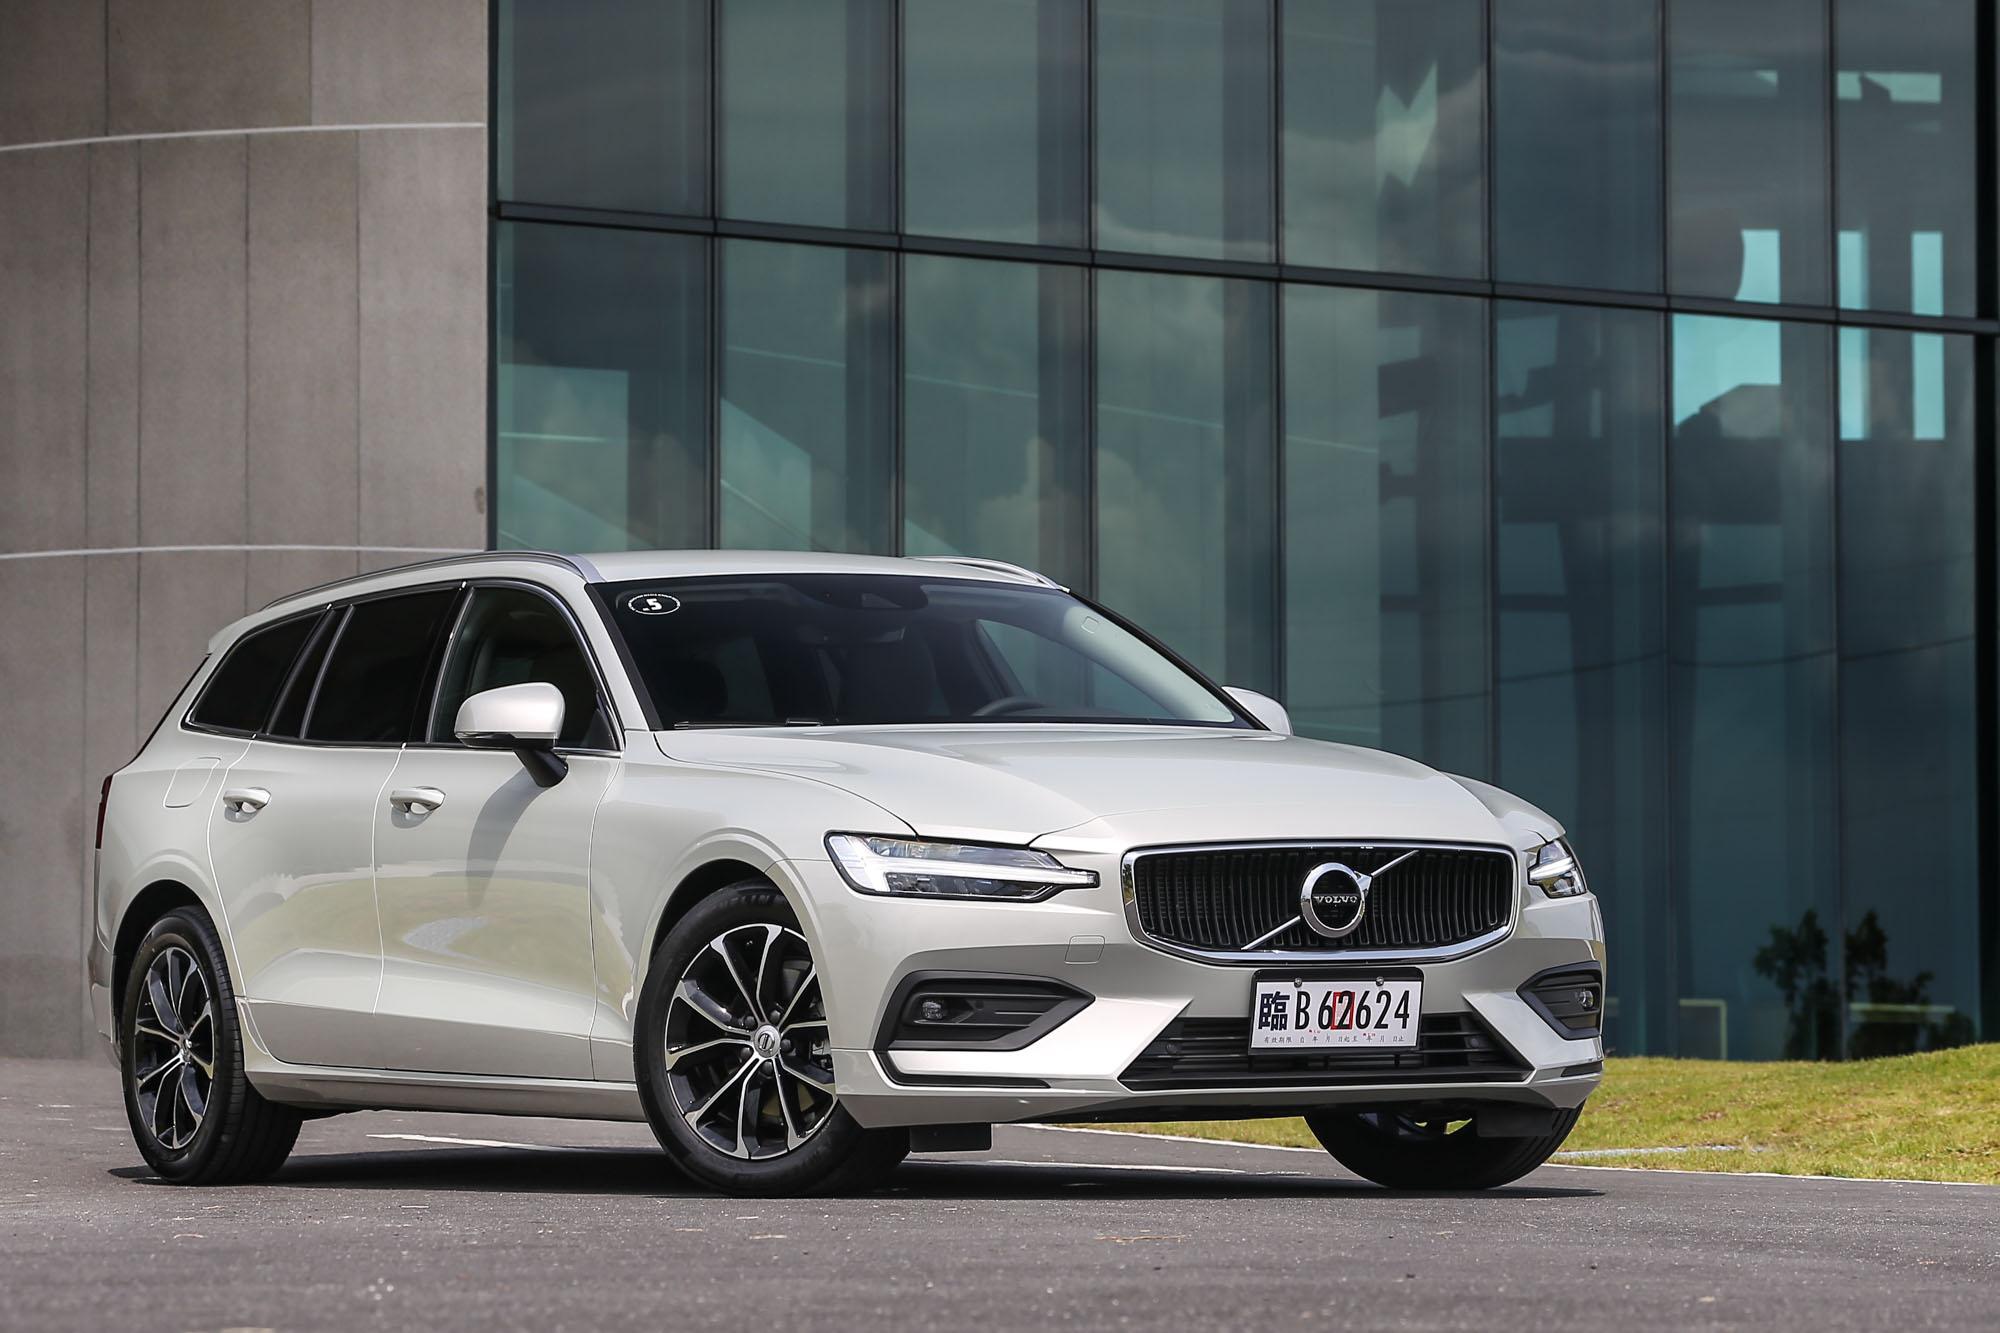 試駕車型為 Volvo V60 T4 Momentum,售價為新台幣 190 萬元。